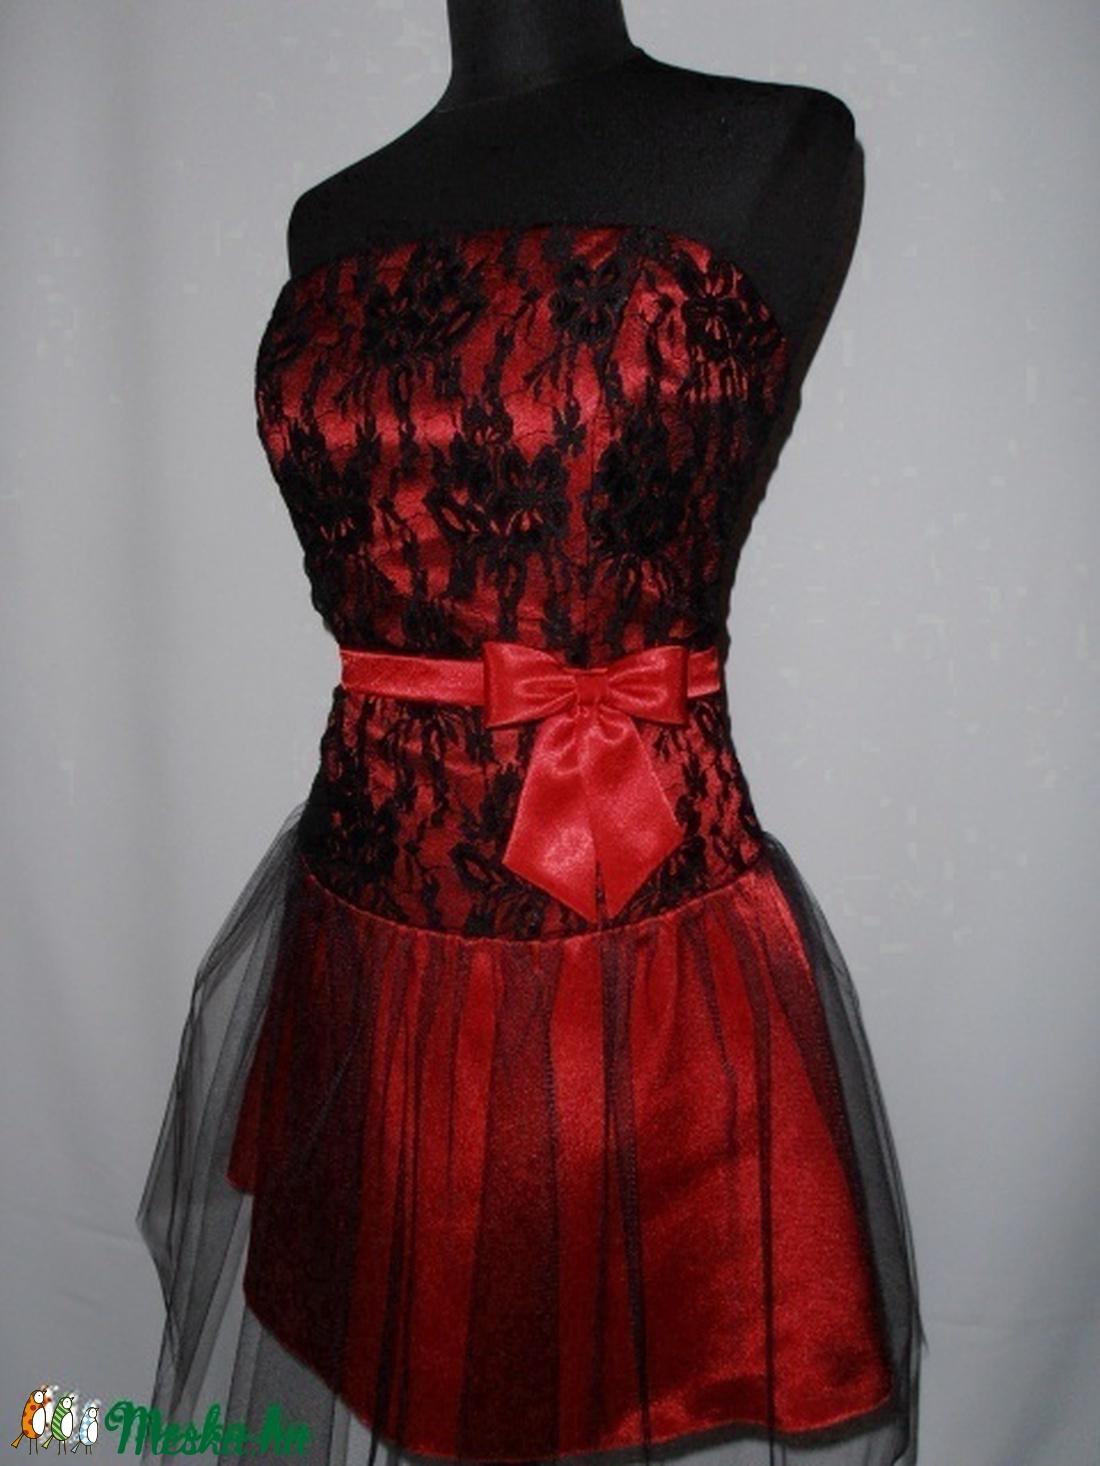 Piros fekete csipkés menyecskeruha méretre készítve (nicoledesign) -  Meska.hu 4fac15e99f